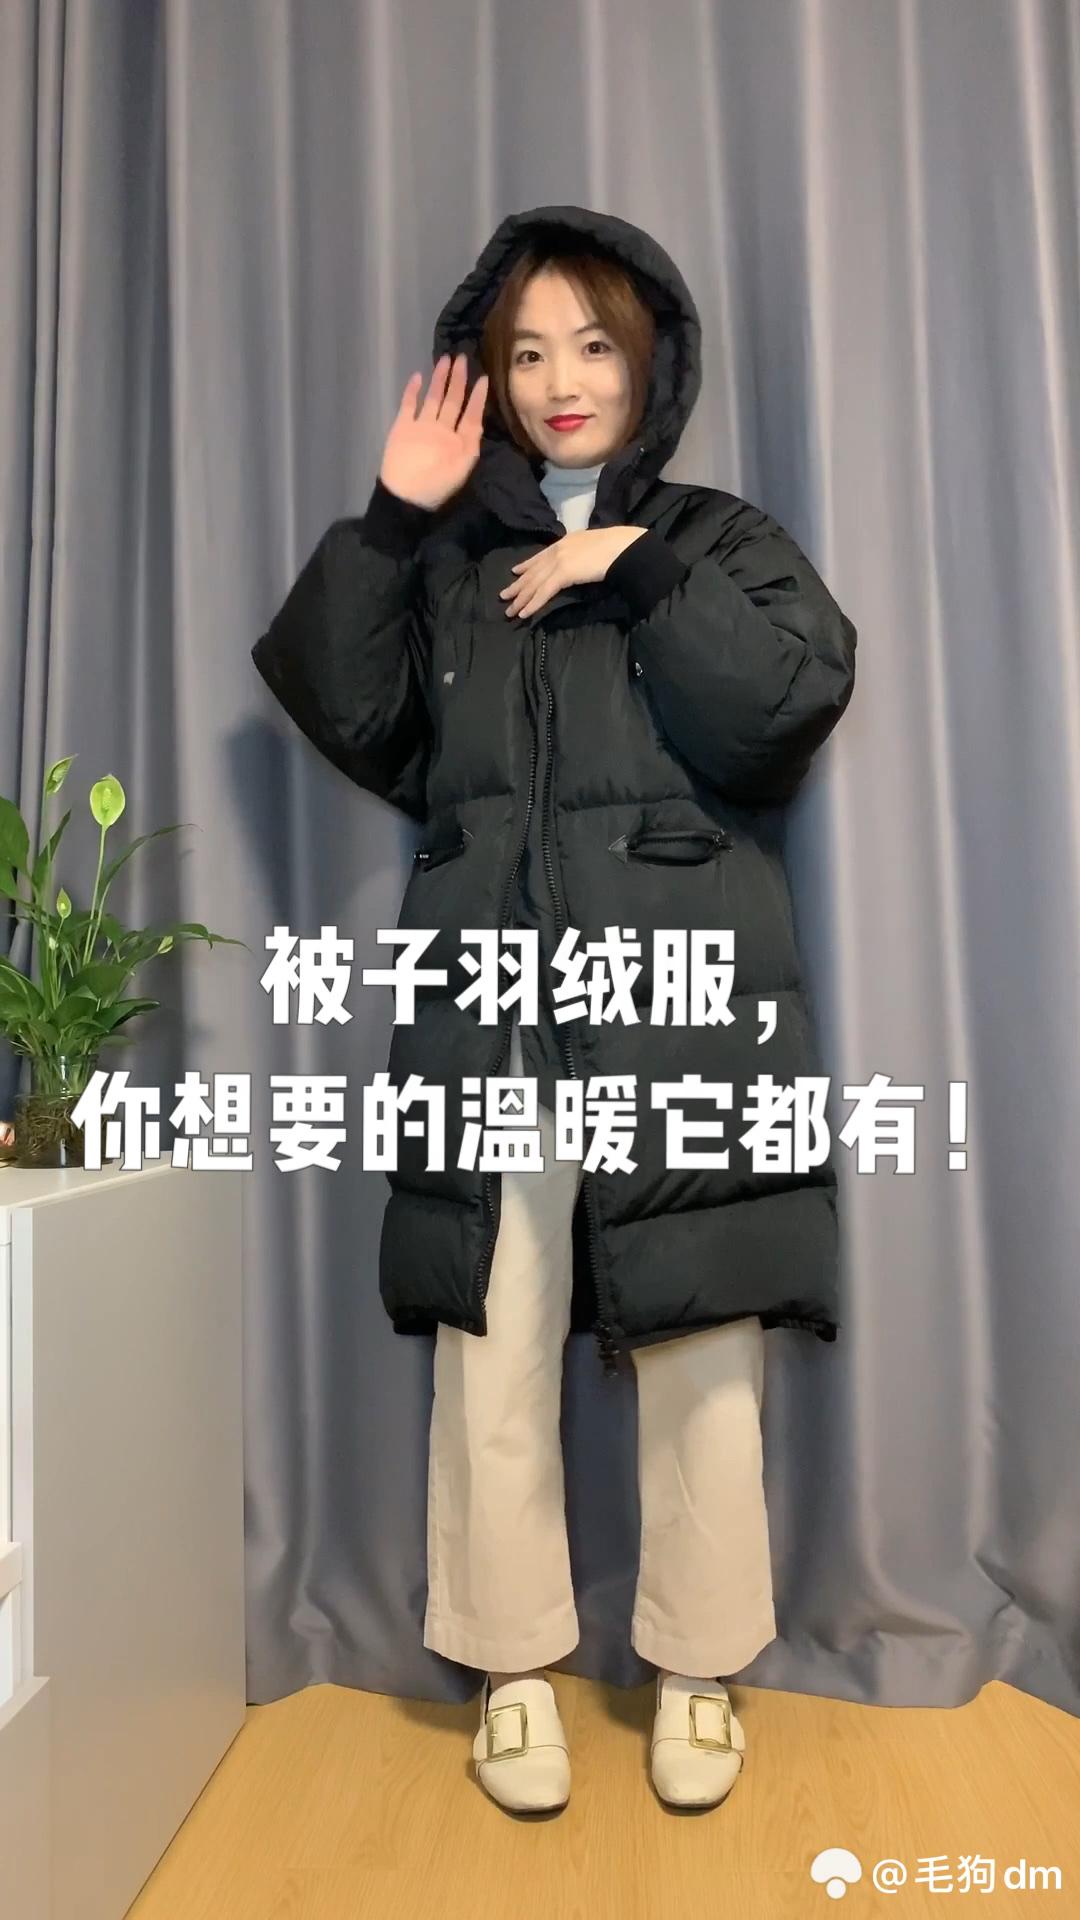 今年冬天太冷了,羊绒大衣和一般的羽绒服都不够了怎么办?来一件被子式的羽绒服吧,简直就是行走的羽绒被啊!里面搭配T恤都可以,再也不怕过冬啦!#被评为今年最保暖的外套#